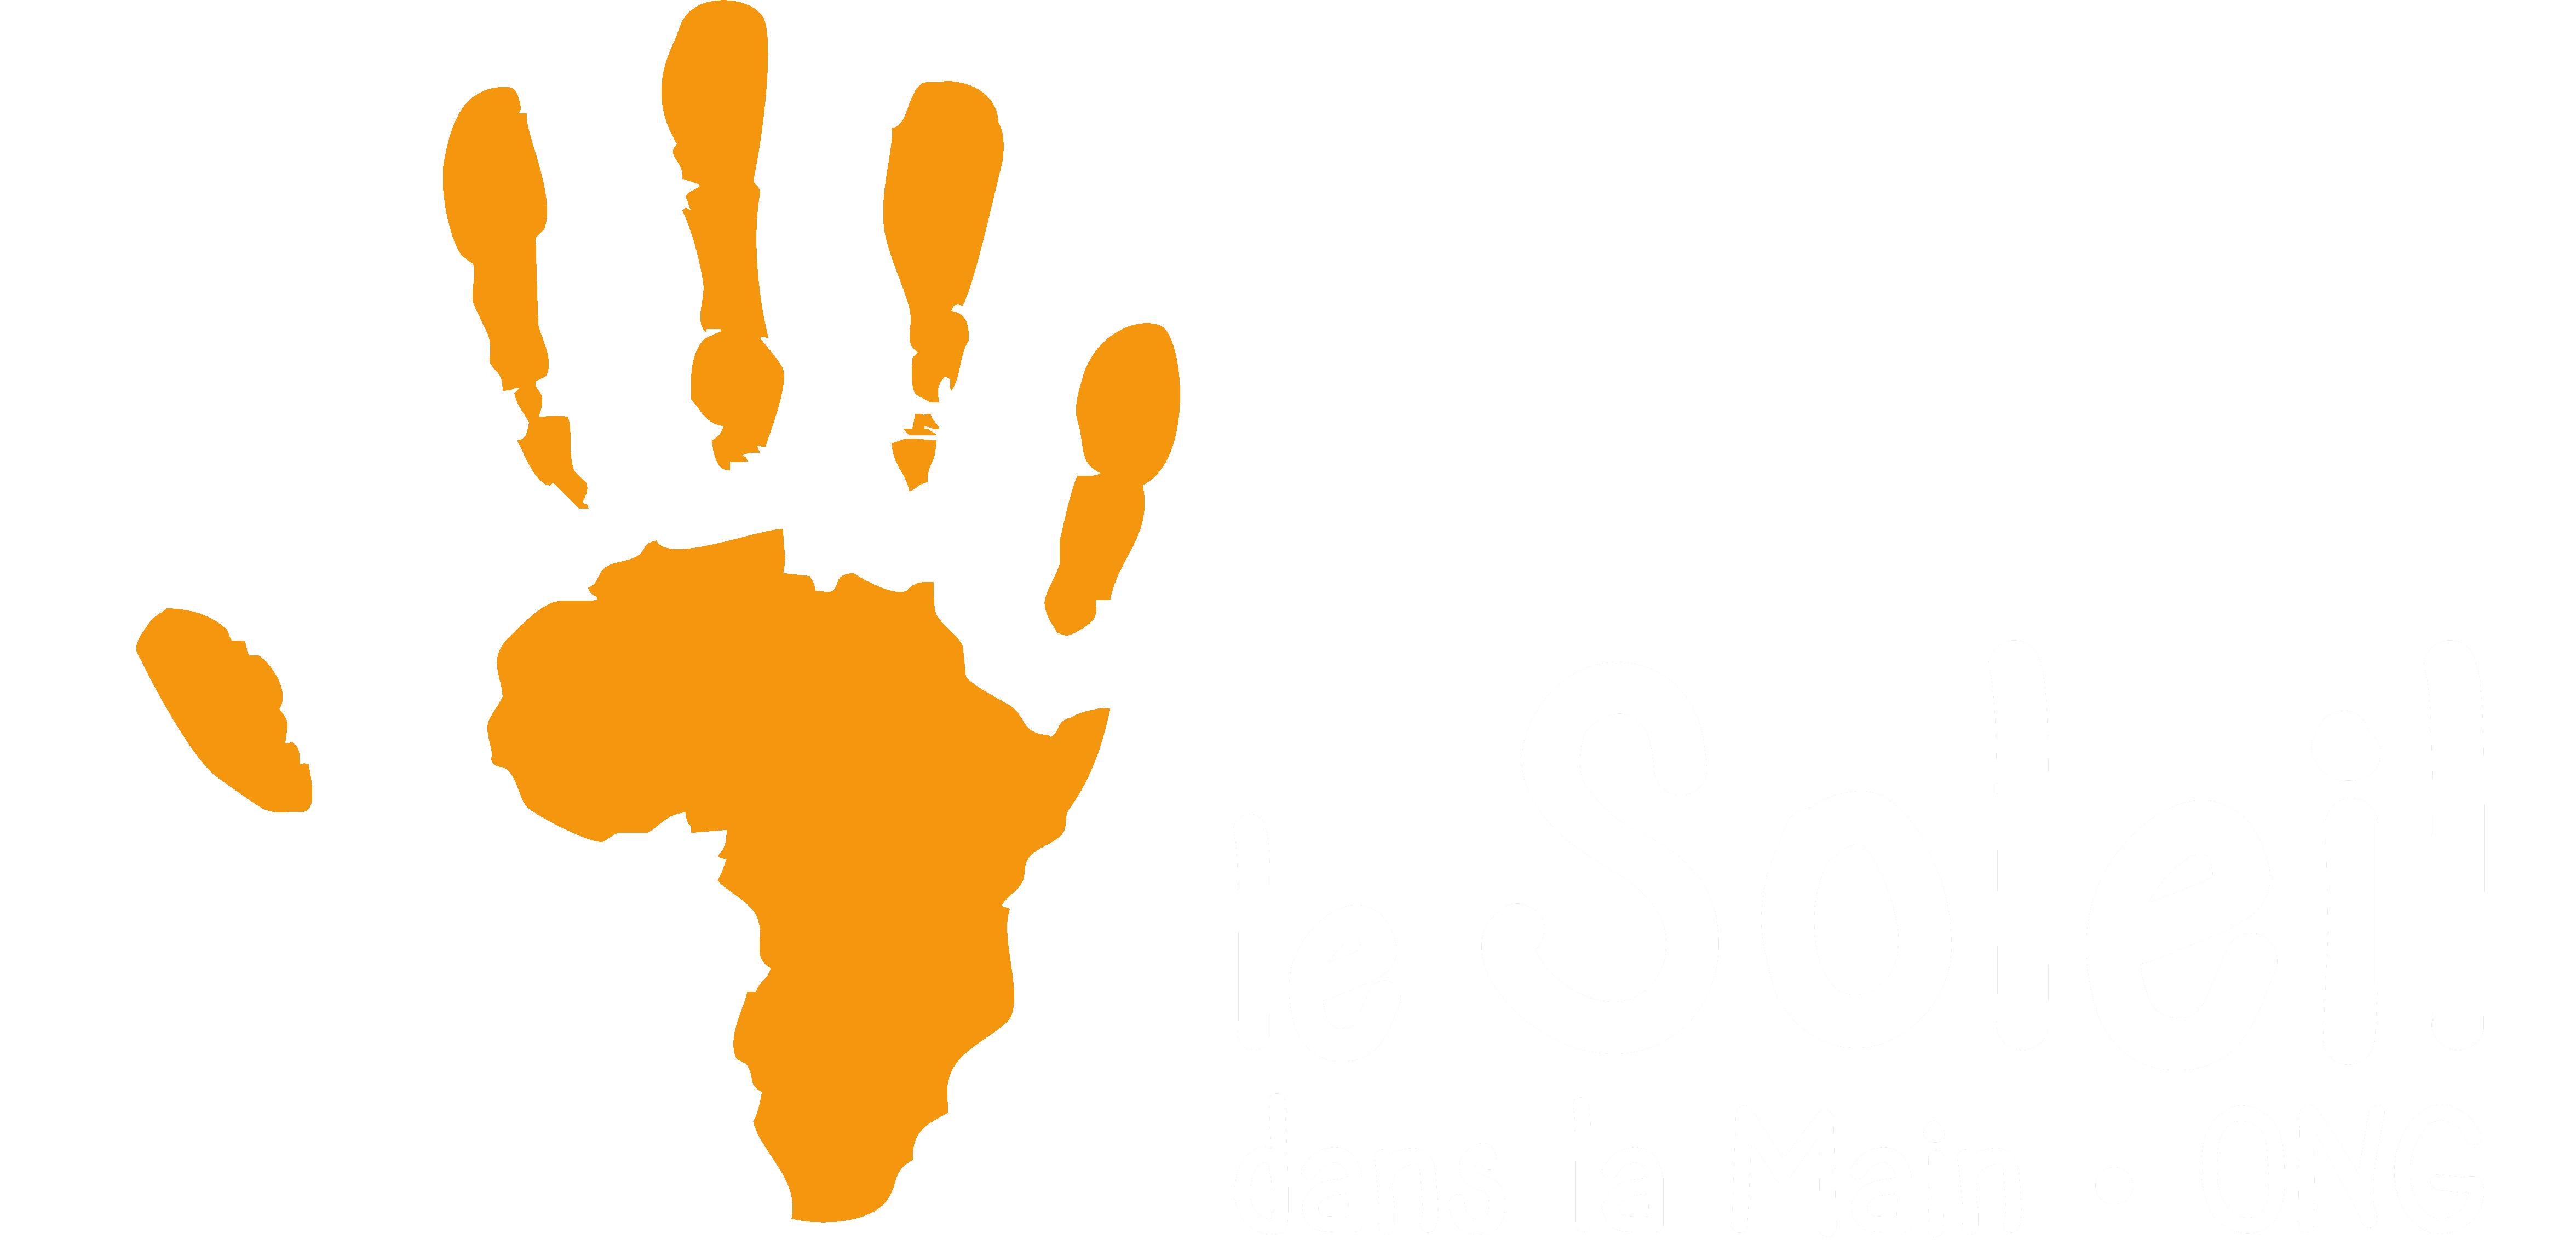 Le soleil dans la main